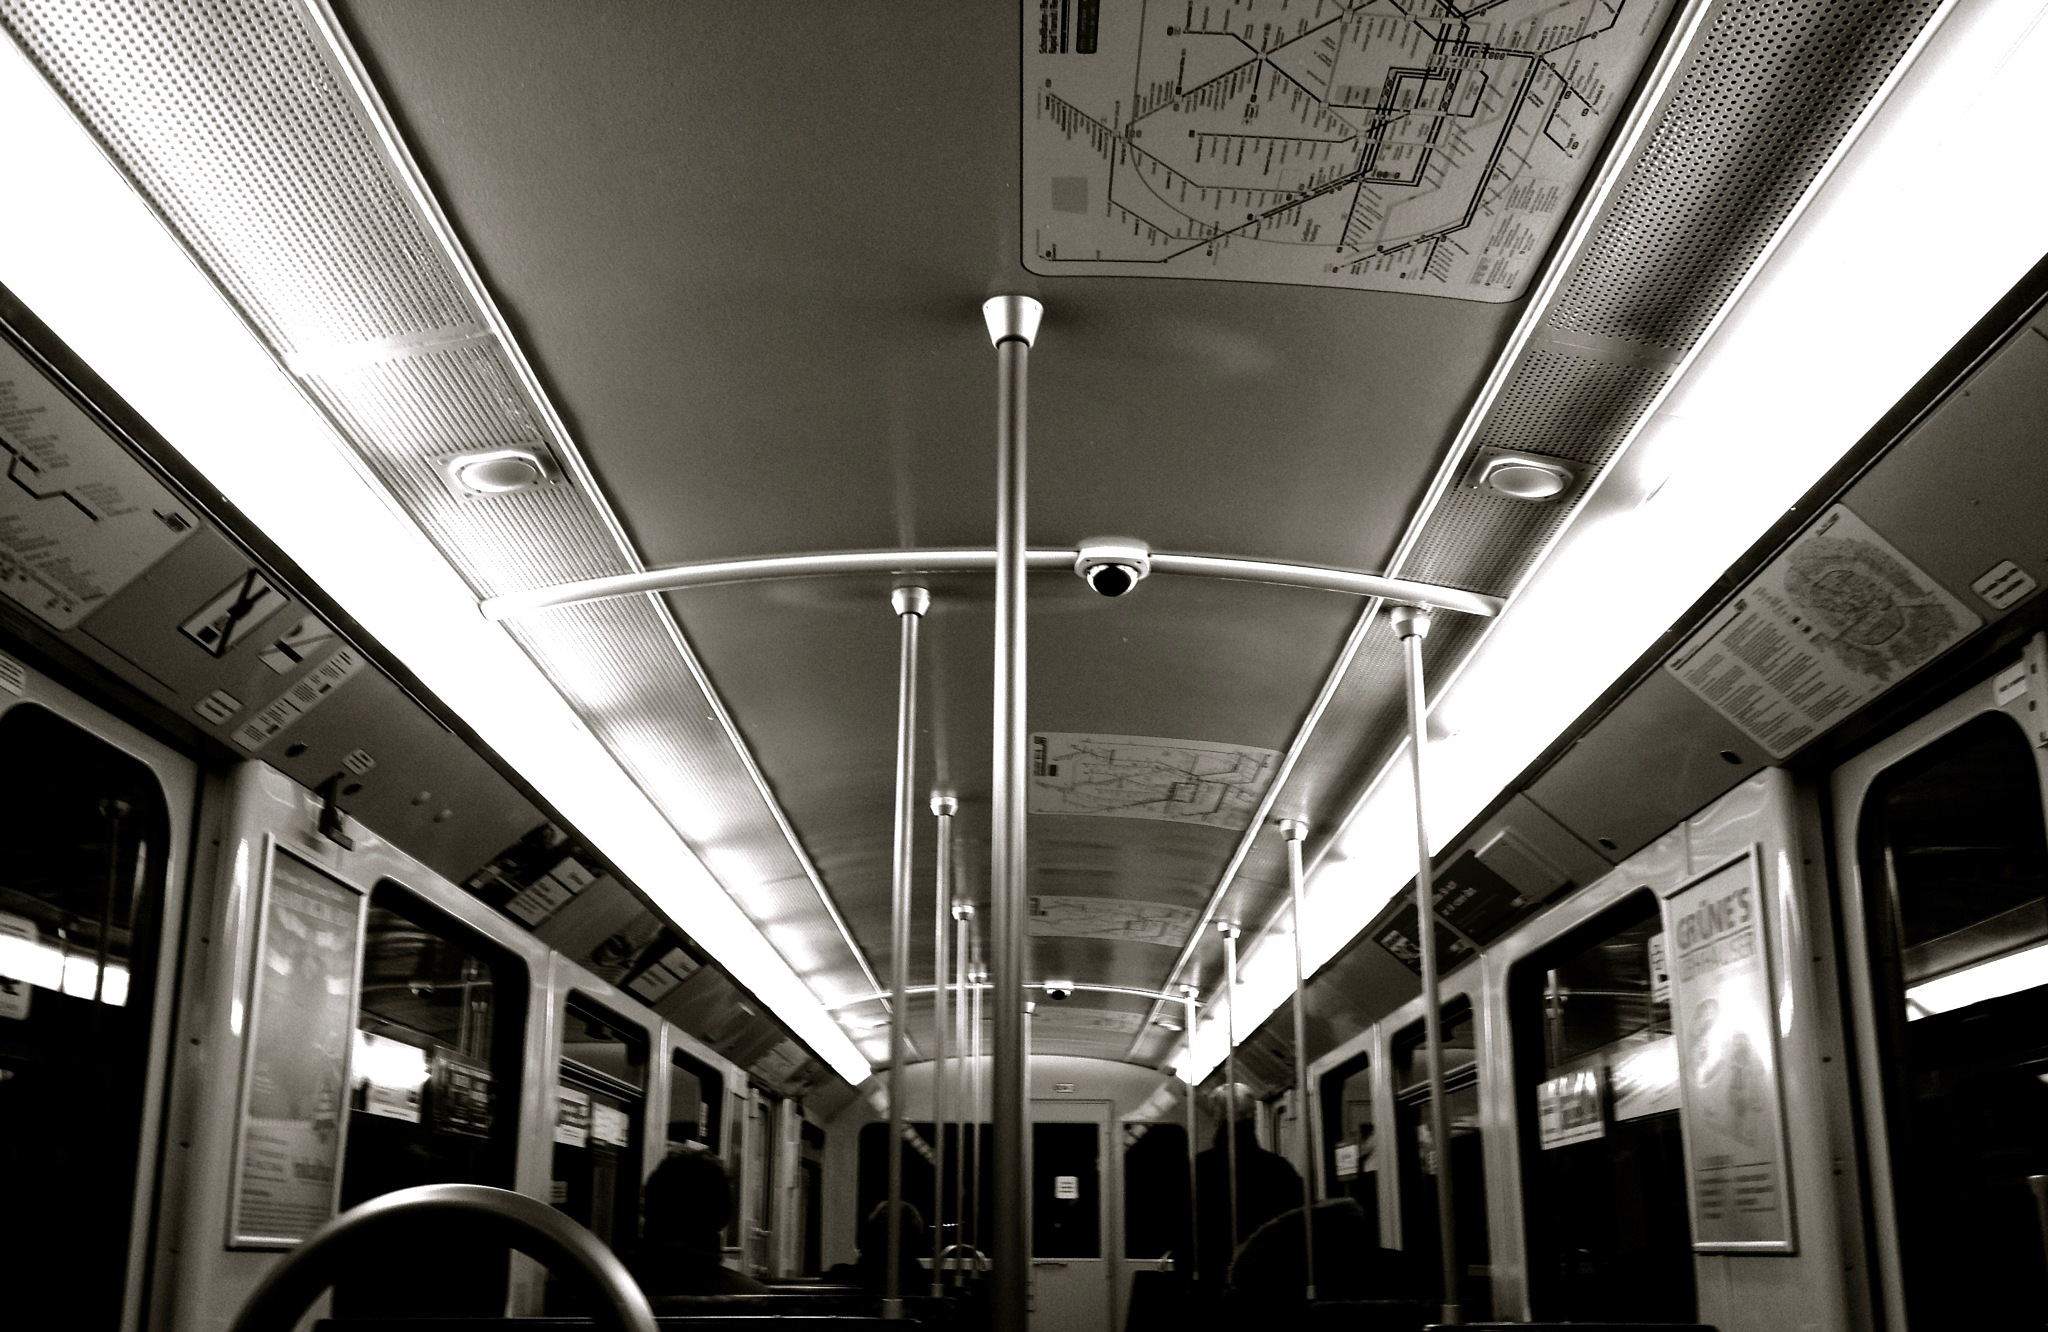 U-Bahn 002 HH 021 ei4s 2012 sw by Frank S aus HB